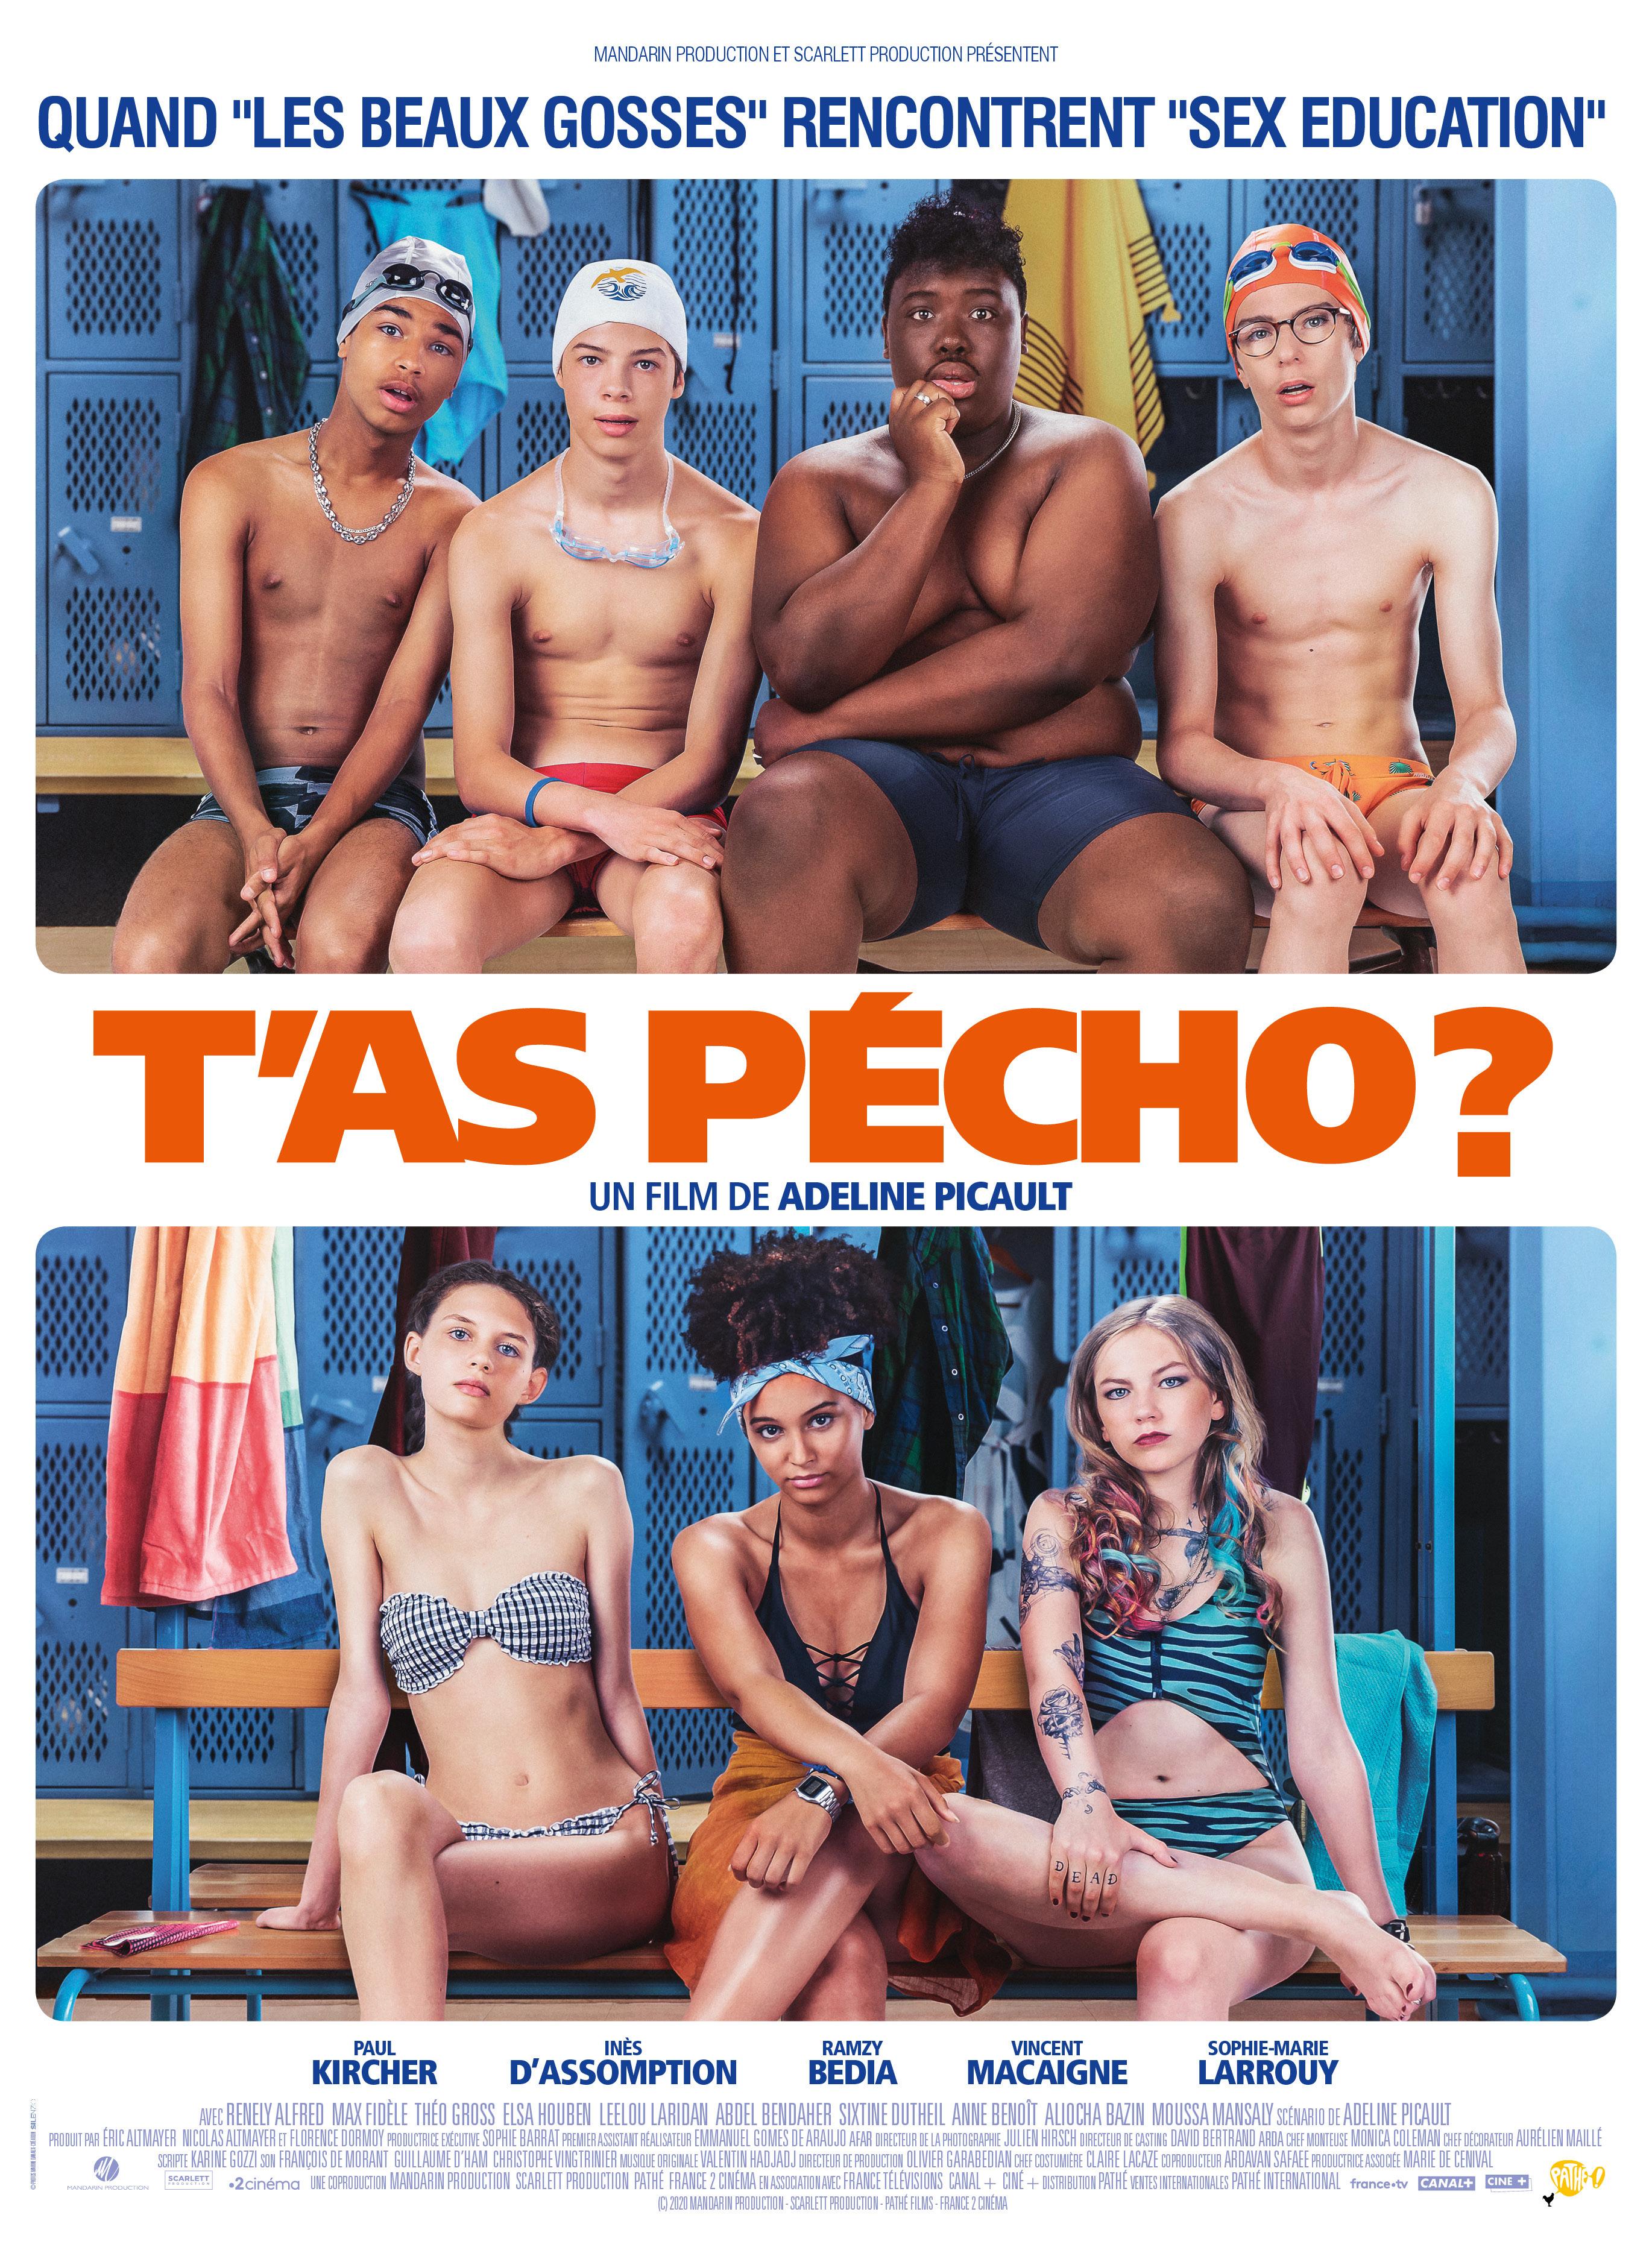 t-as-pecho-affiche-1180510.jpg